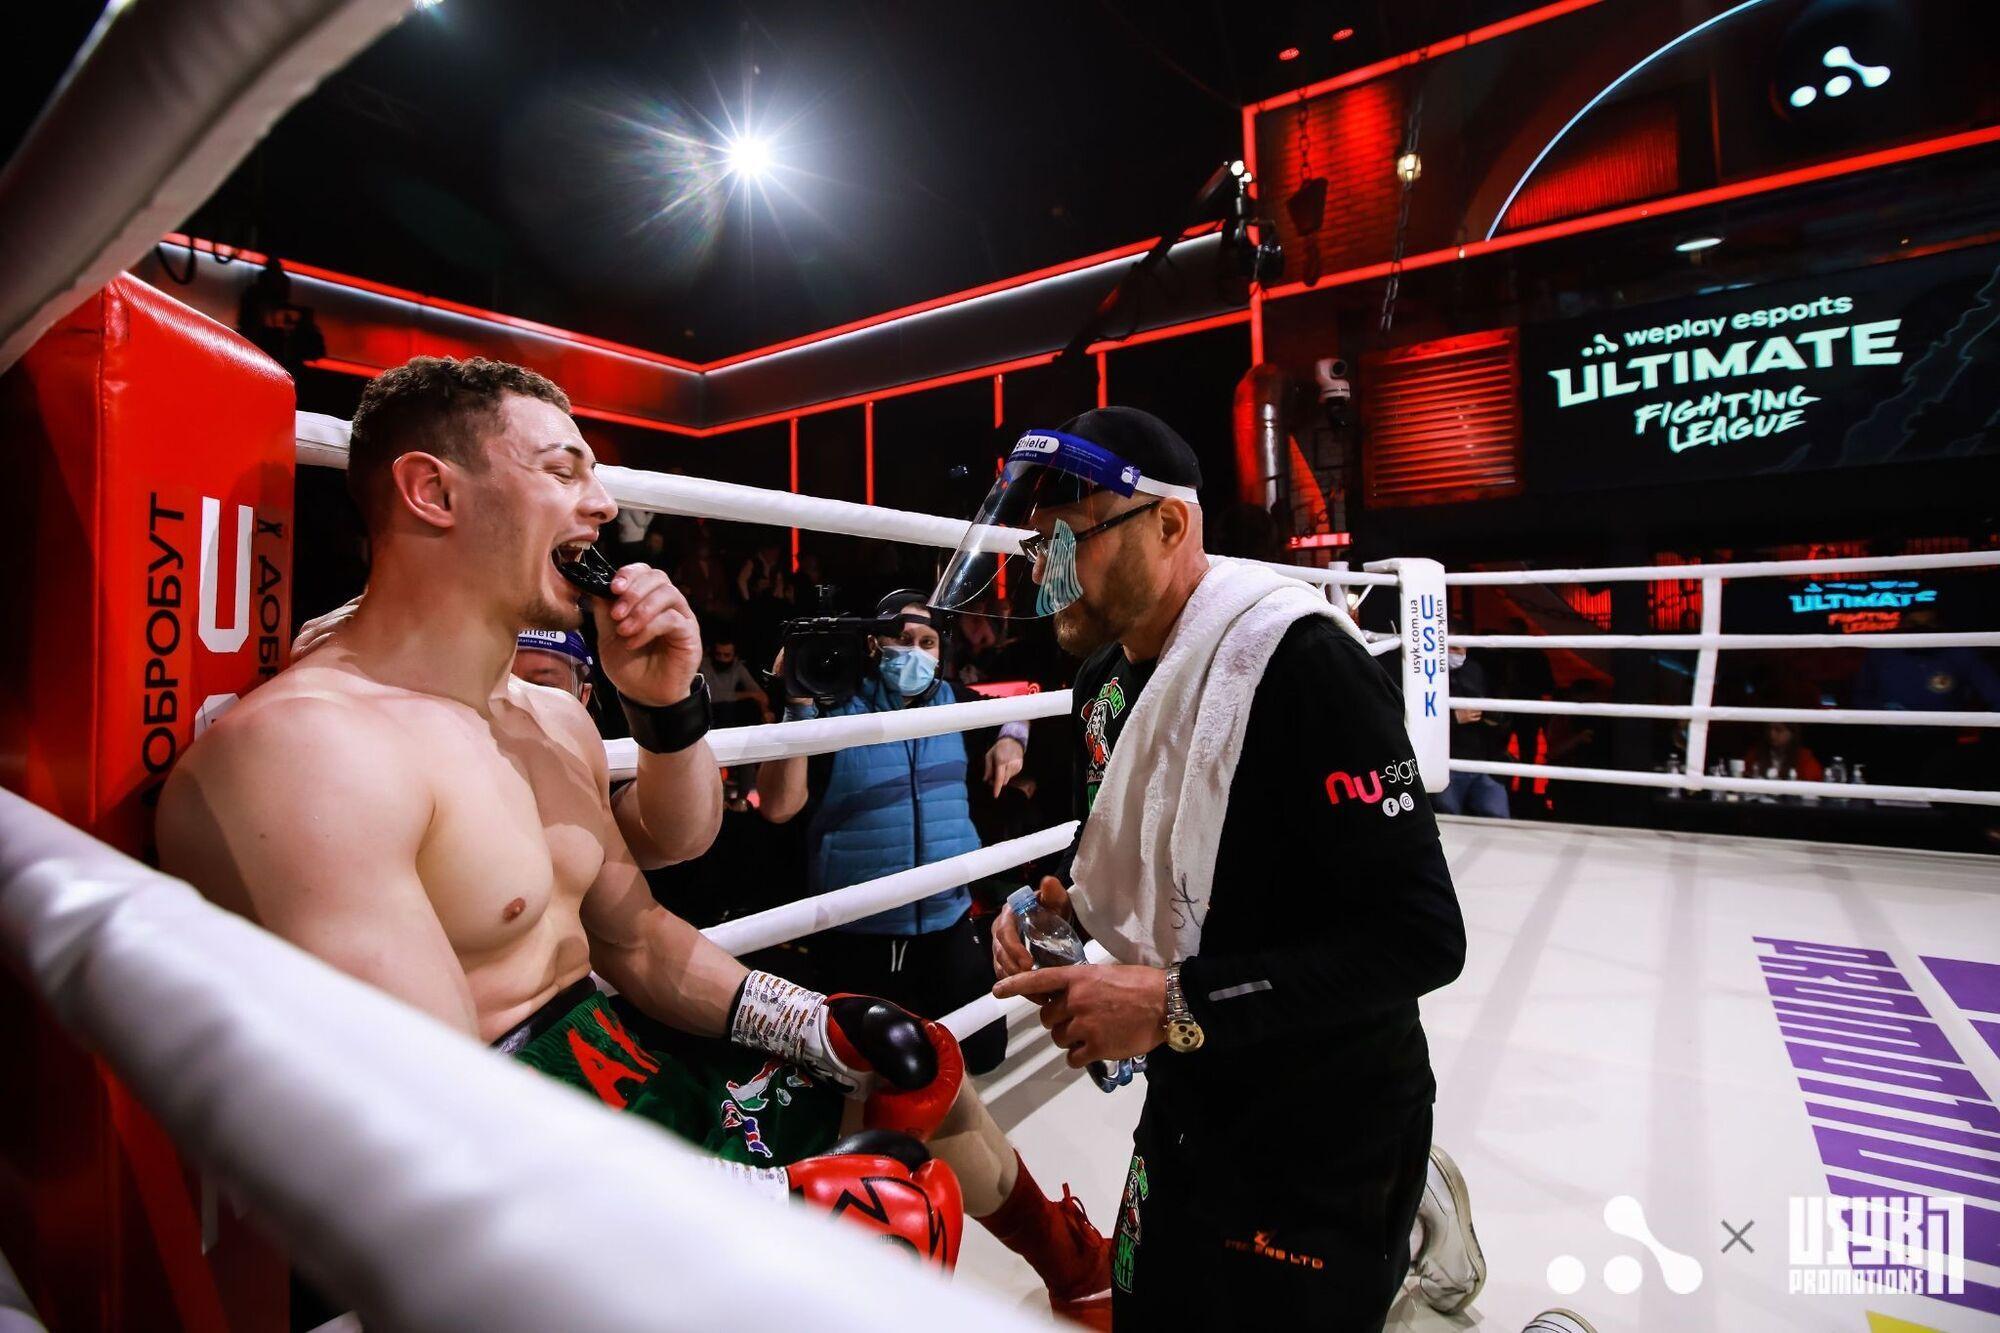 Ultimate Boxing Night прошел без зрителей и с соблюдением карантинных мер безопасности